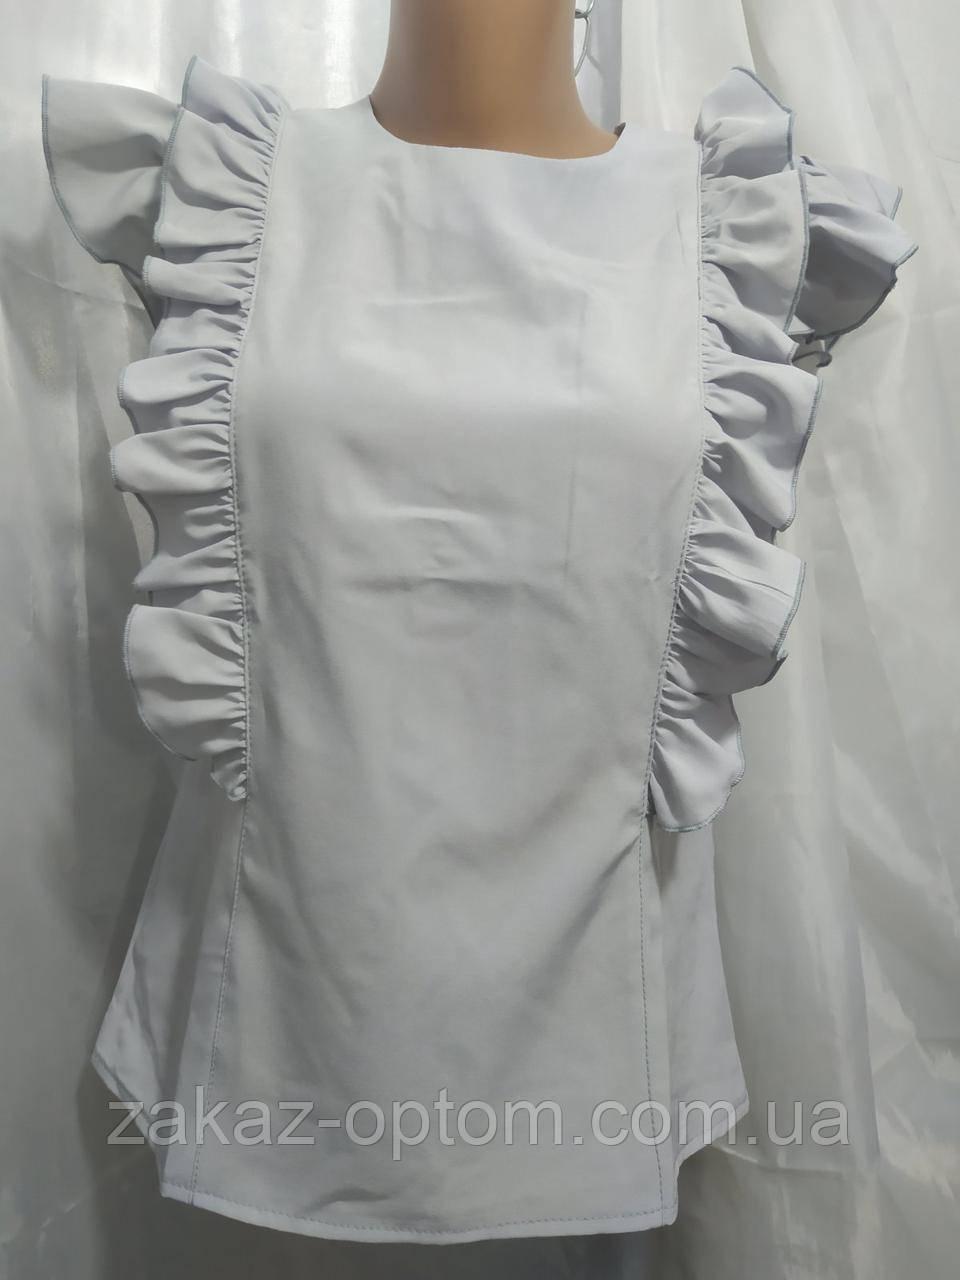 Блуза женская софт (42-48) Украина оптом-75010